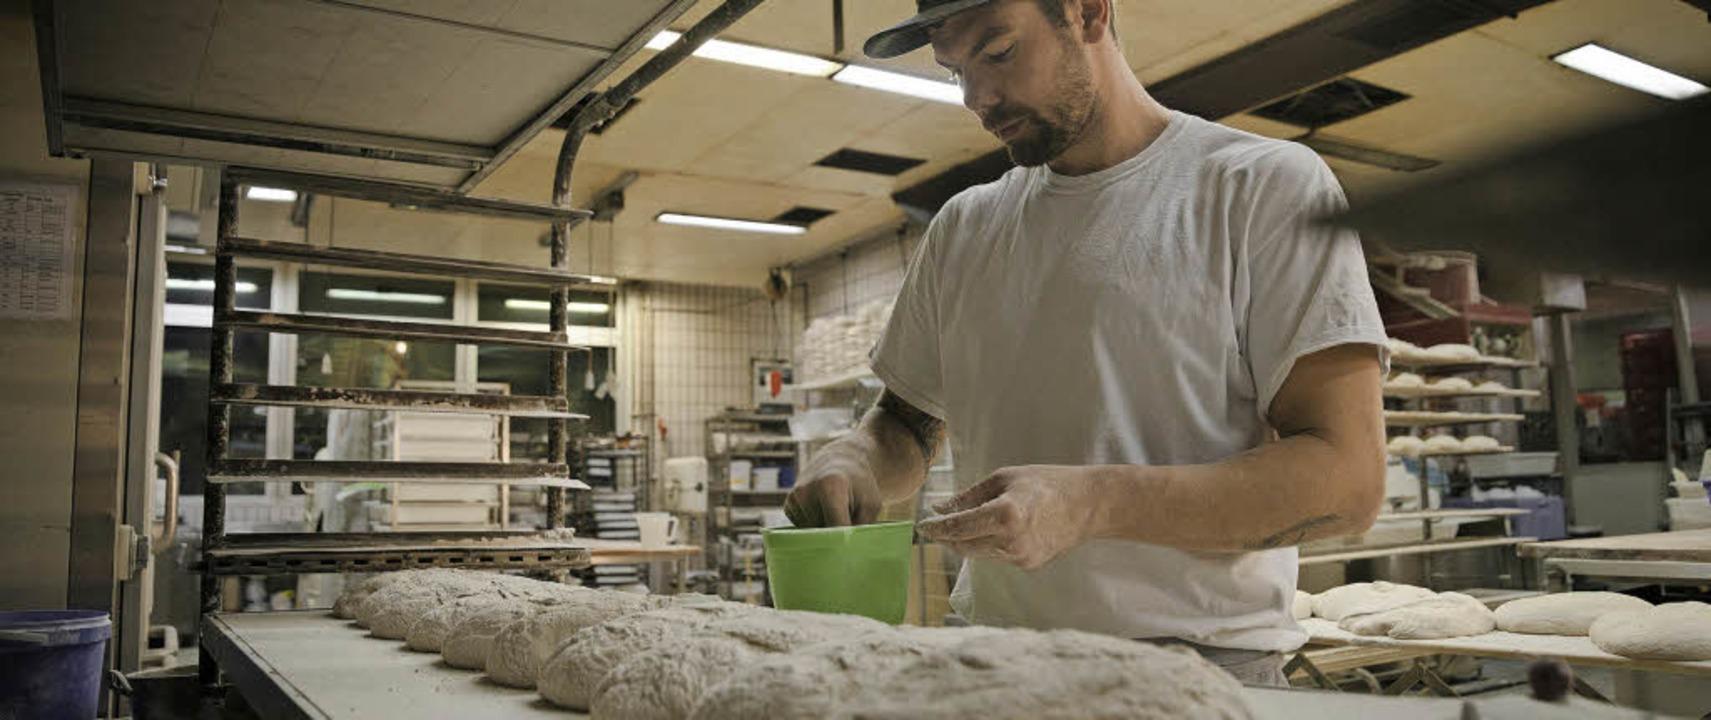 Bäckermeister Michael Schulze von der ...ei Pfeifle bei der nächtlichen Arbeit   | Foto: Lennart Fritze